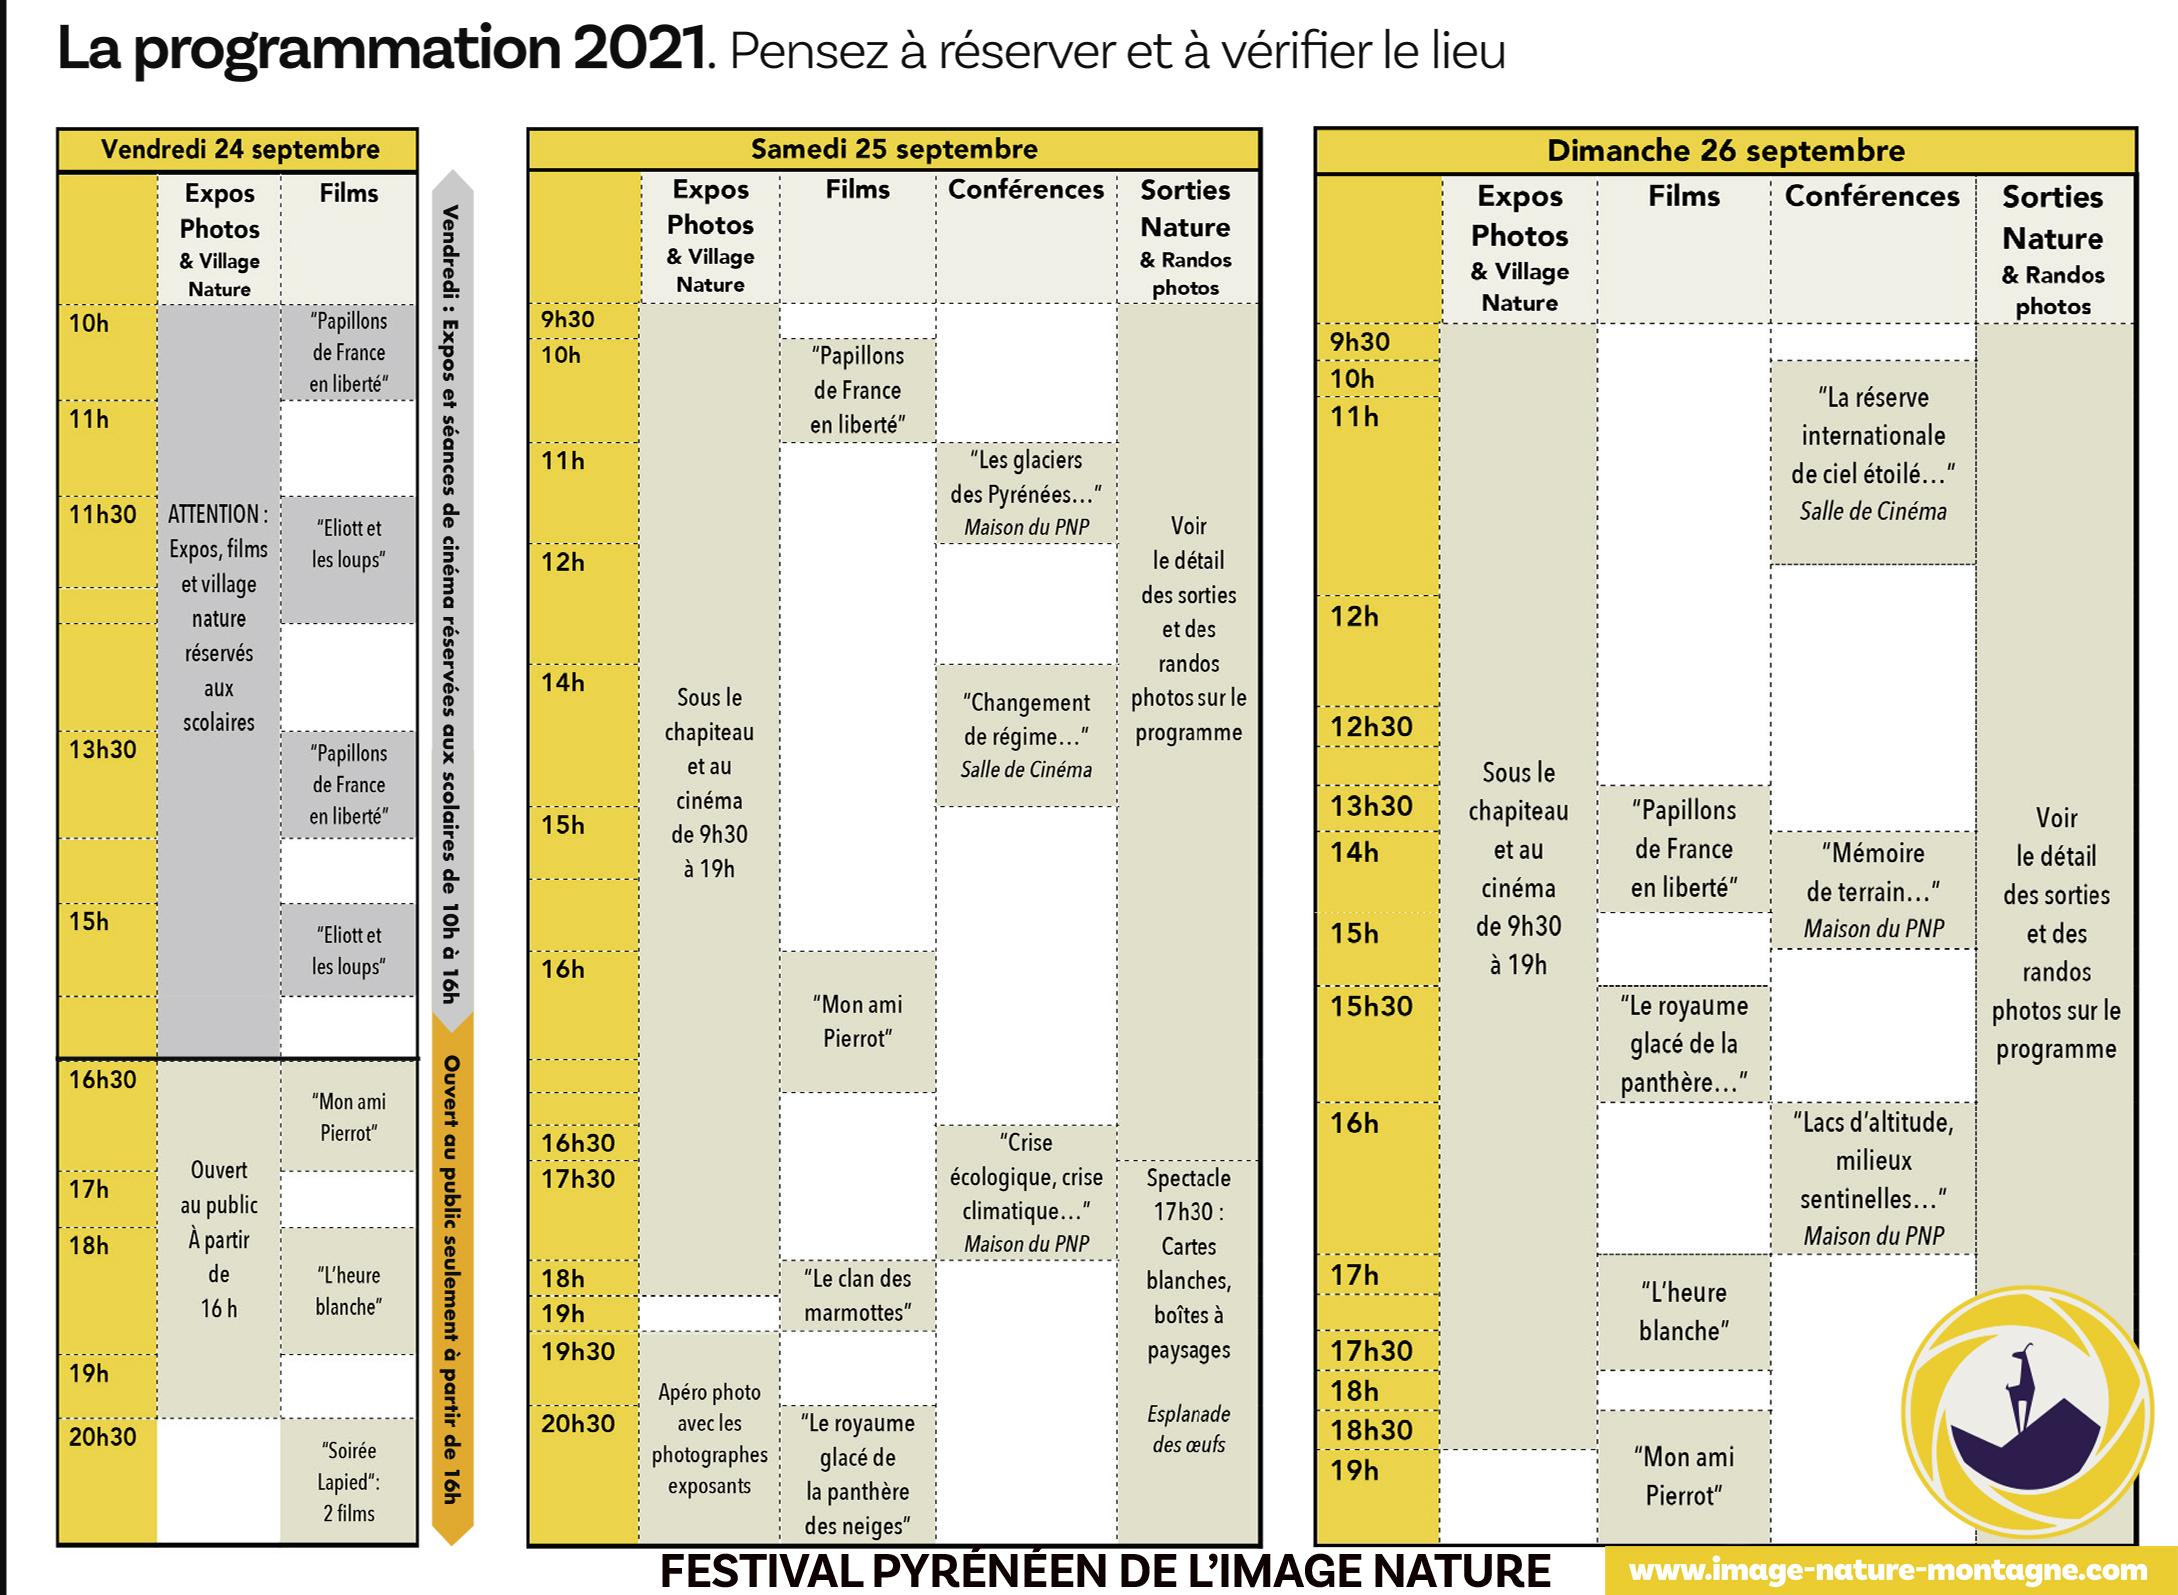 FPIN 2021 - Grille de programmation